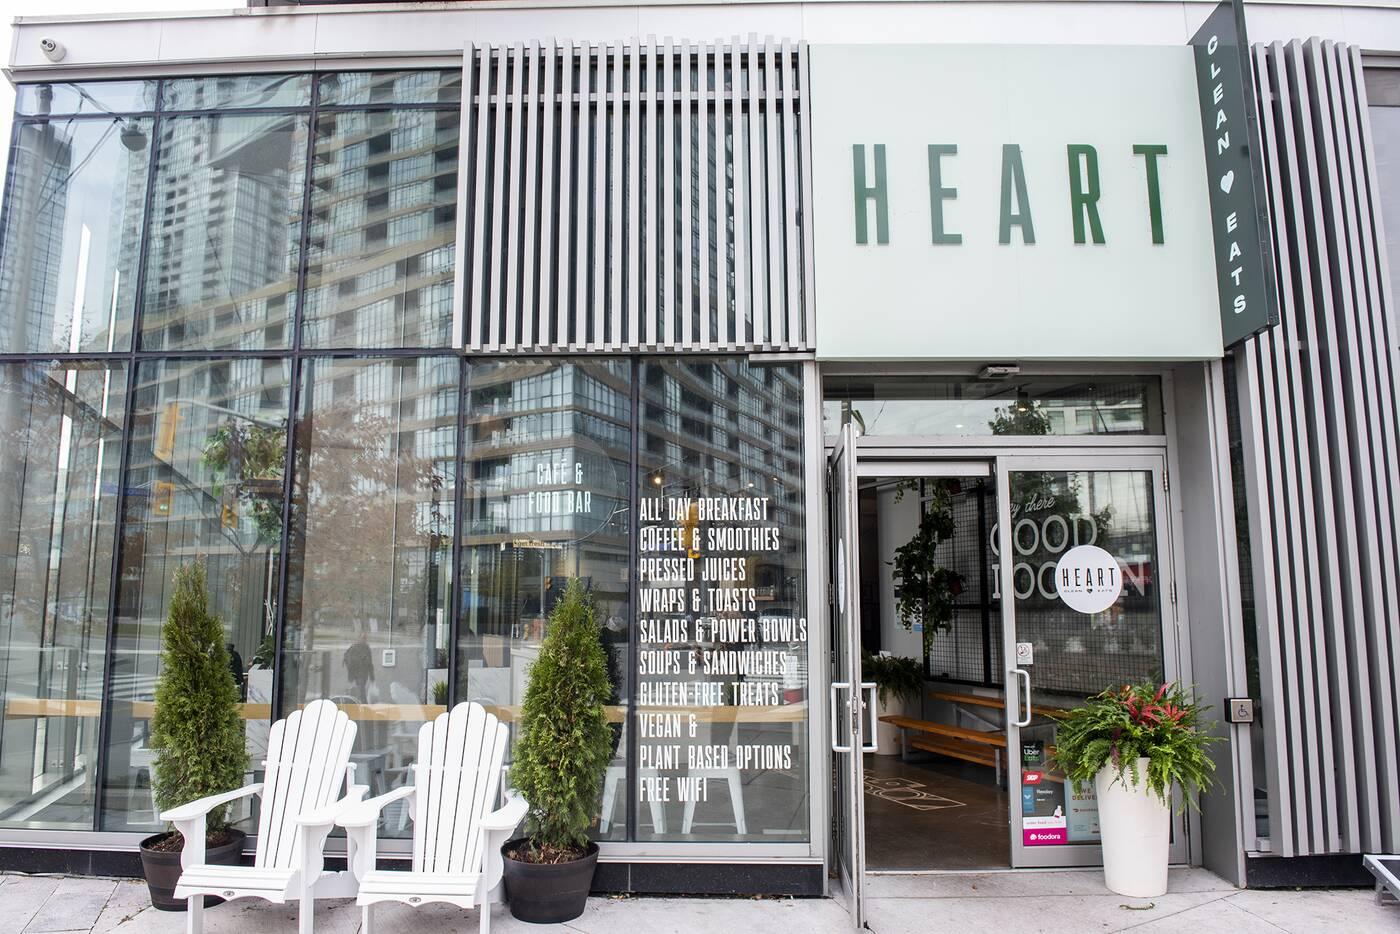 Heart Clean Eats Toronto